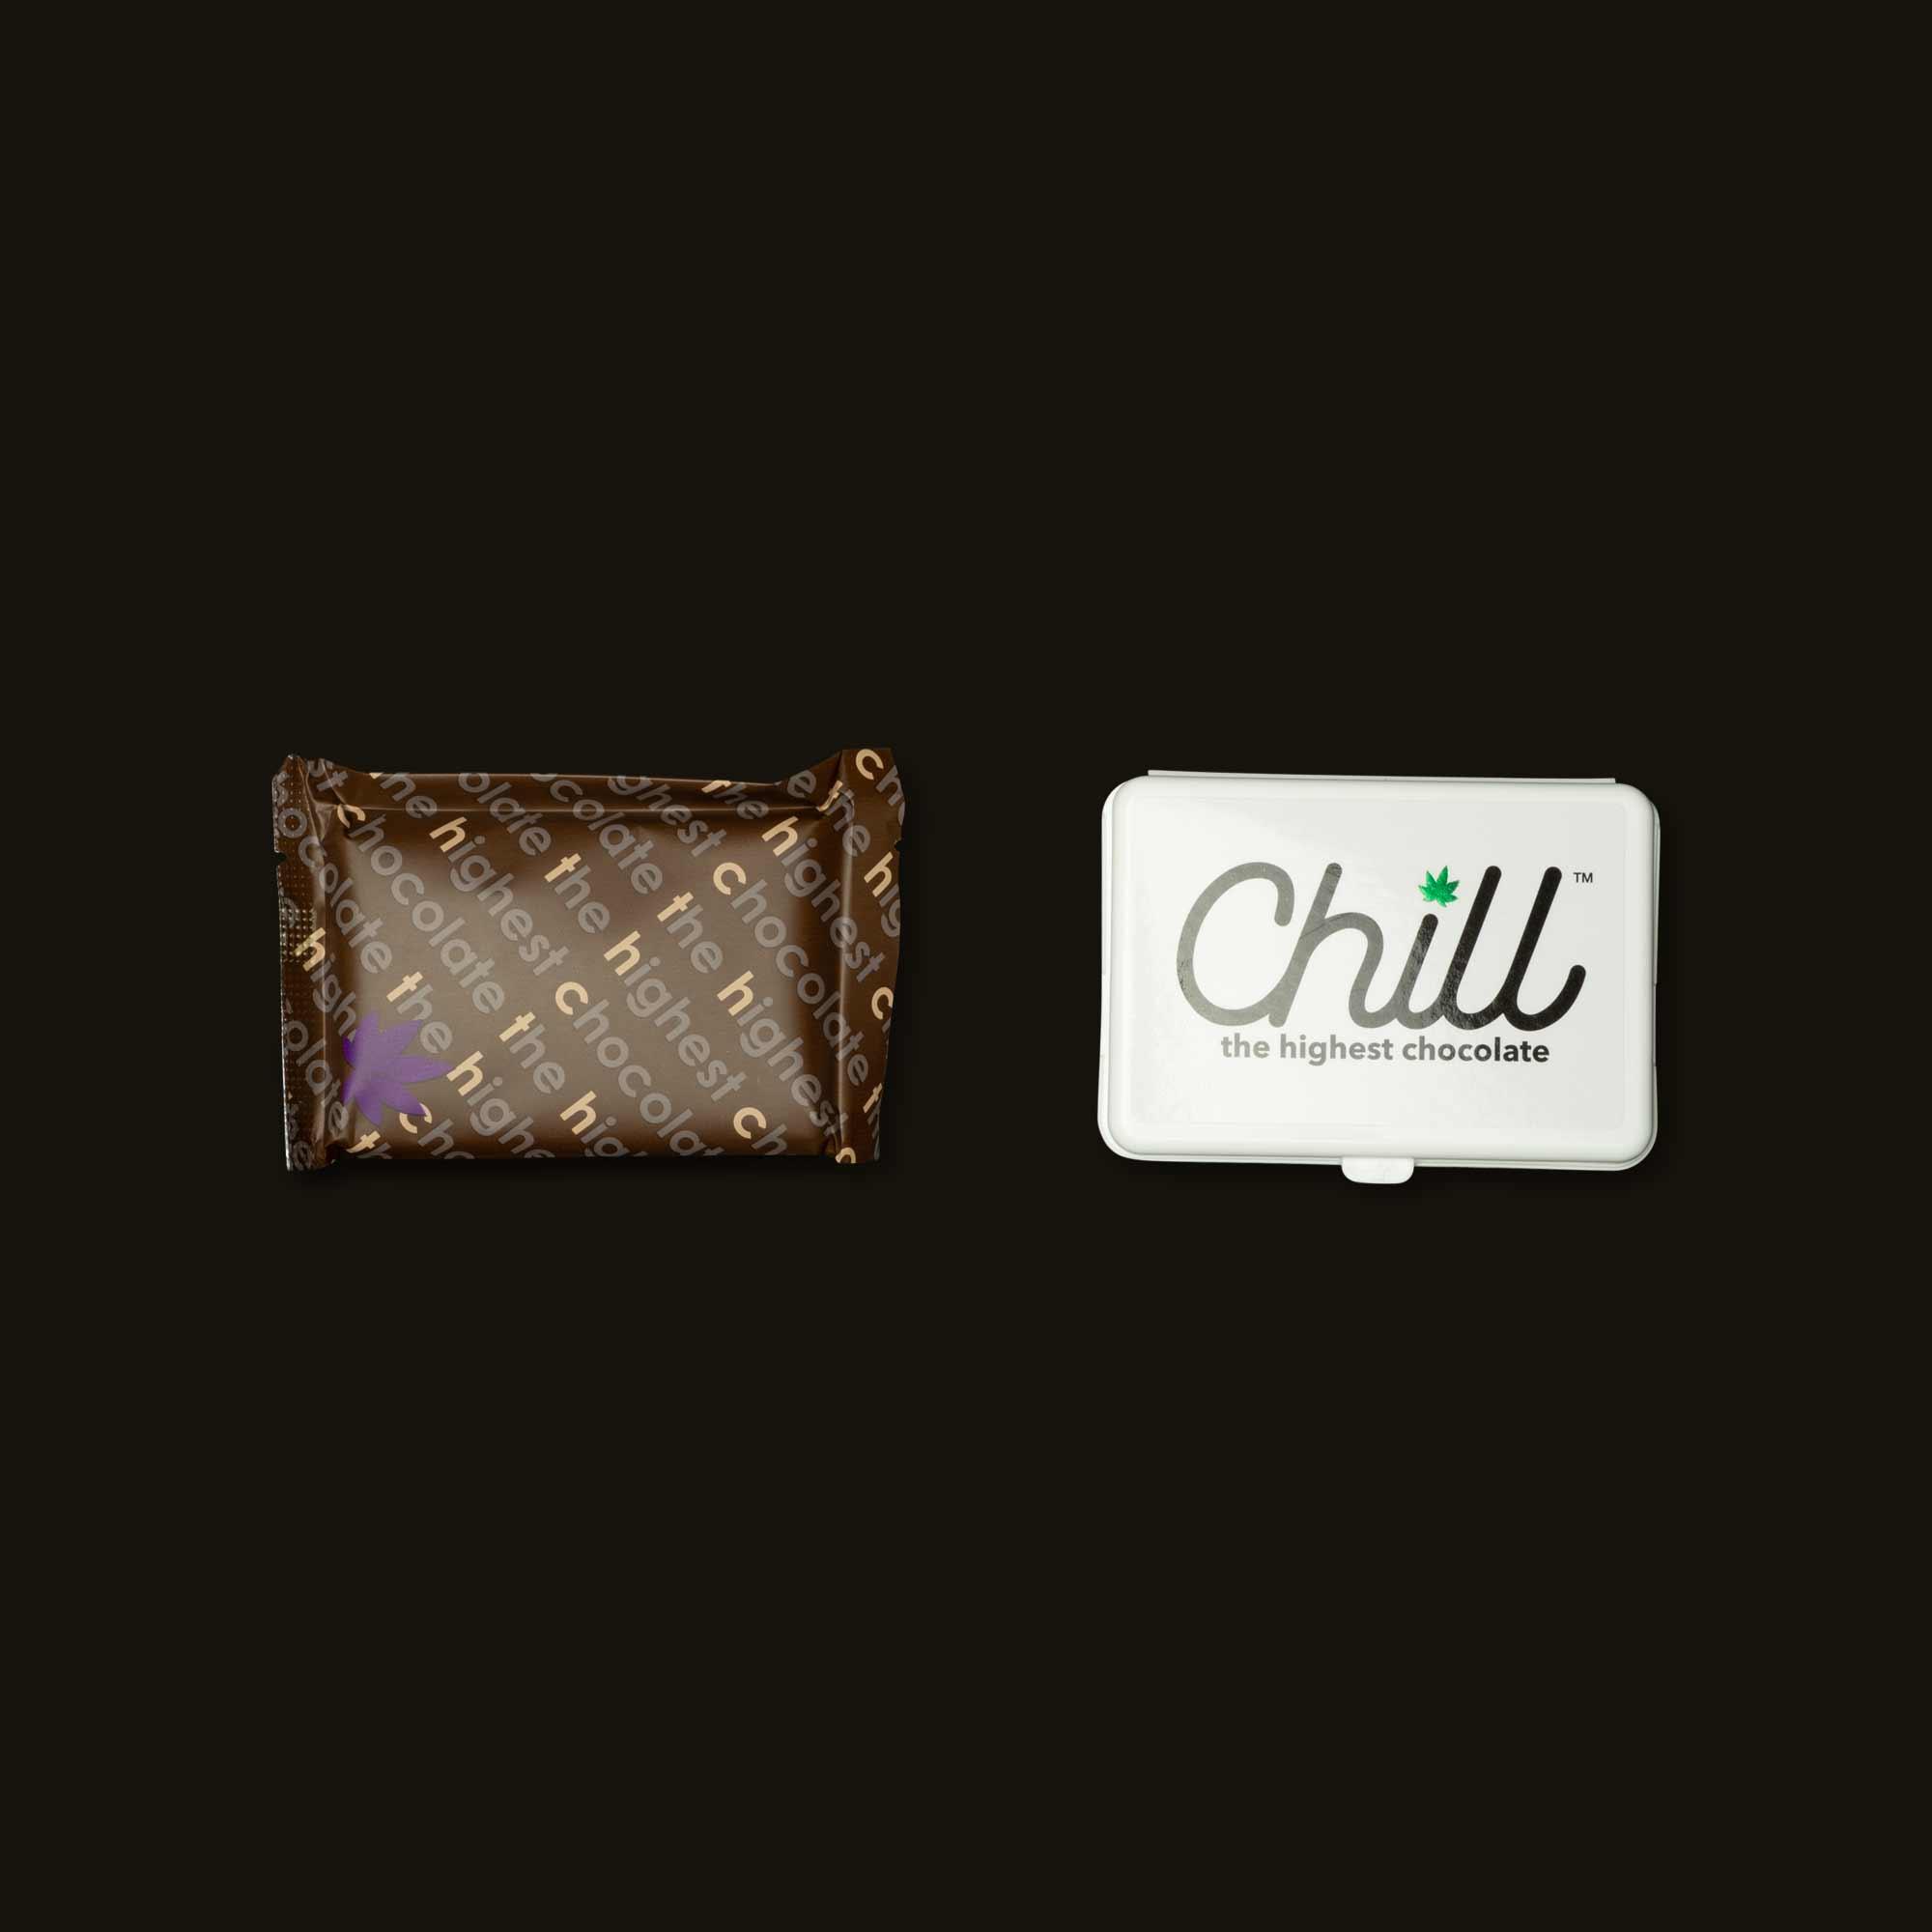 Chill Milk Chocolate